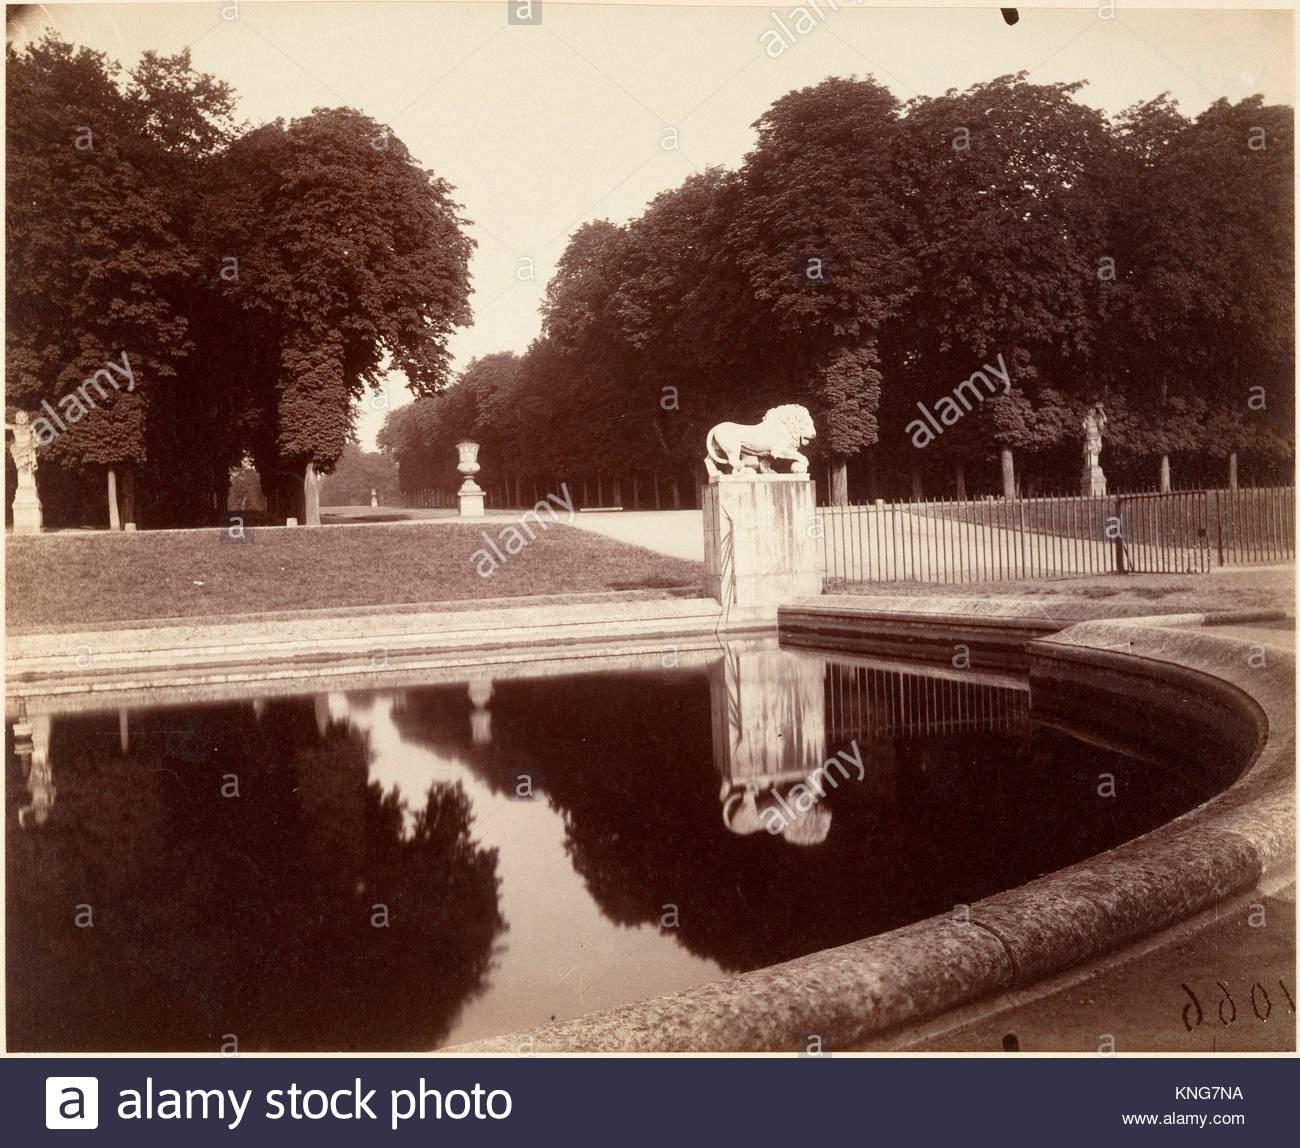 saint cloud artist eugne at franzosisch libourne 1857 1927 paris datum juli 1921 medium eiweiss silber drucken aus glas negative abmessungen kng7na